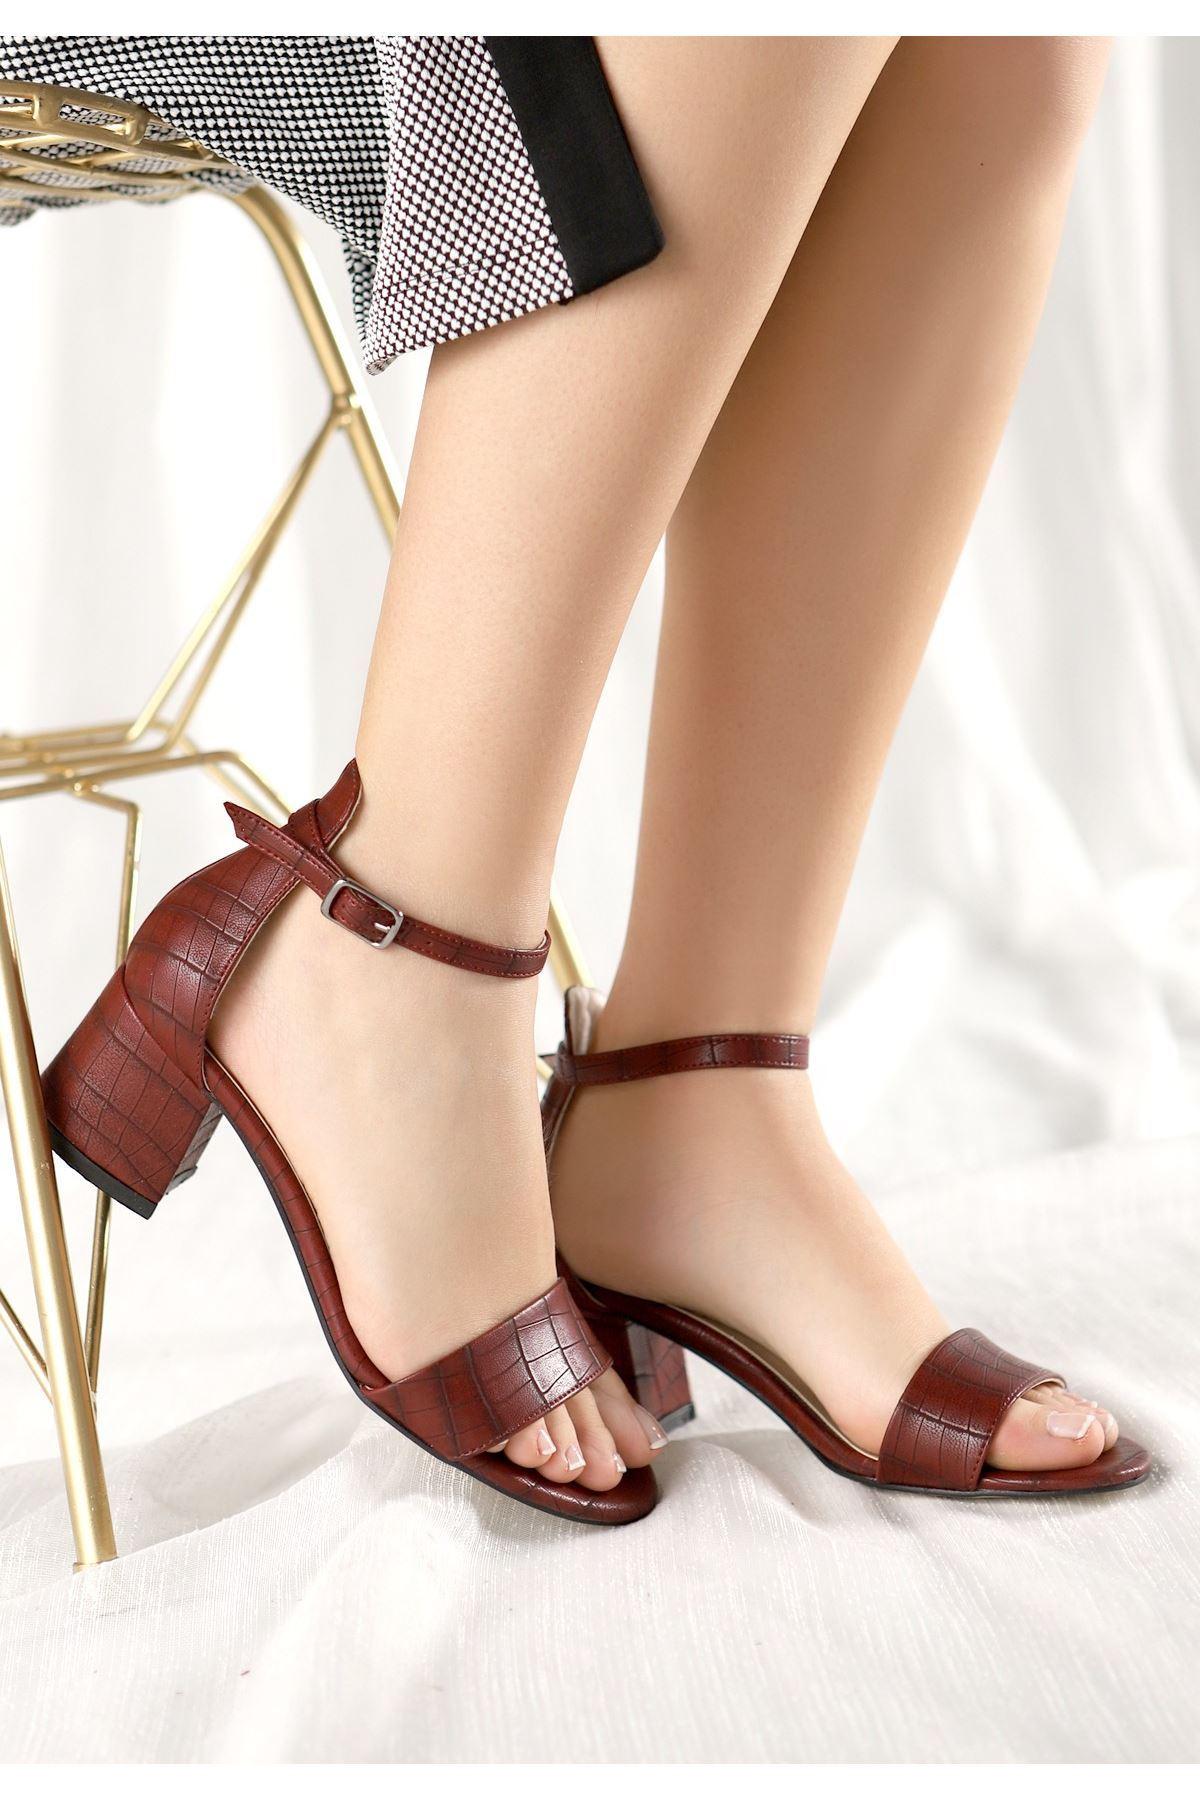 Epon Bordo Cilt Desenli Tek Bant Topuklu Ayakkabı